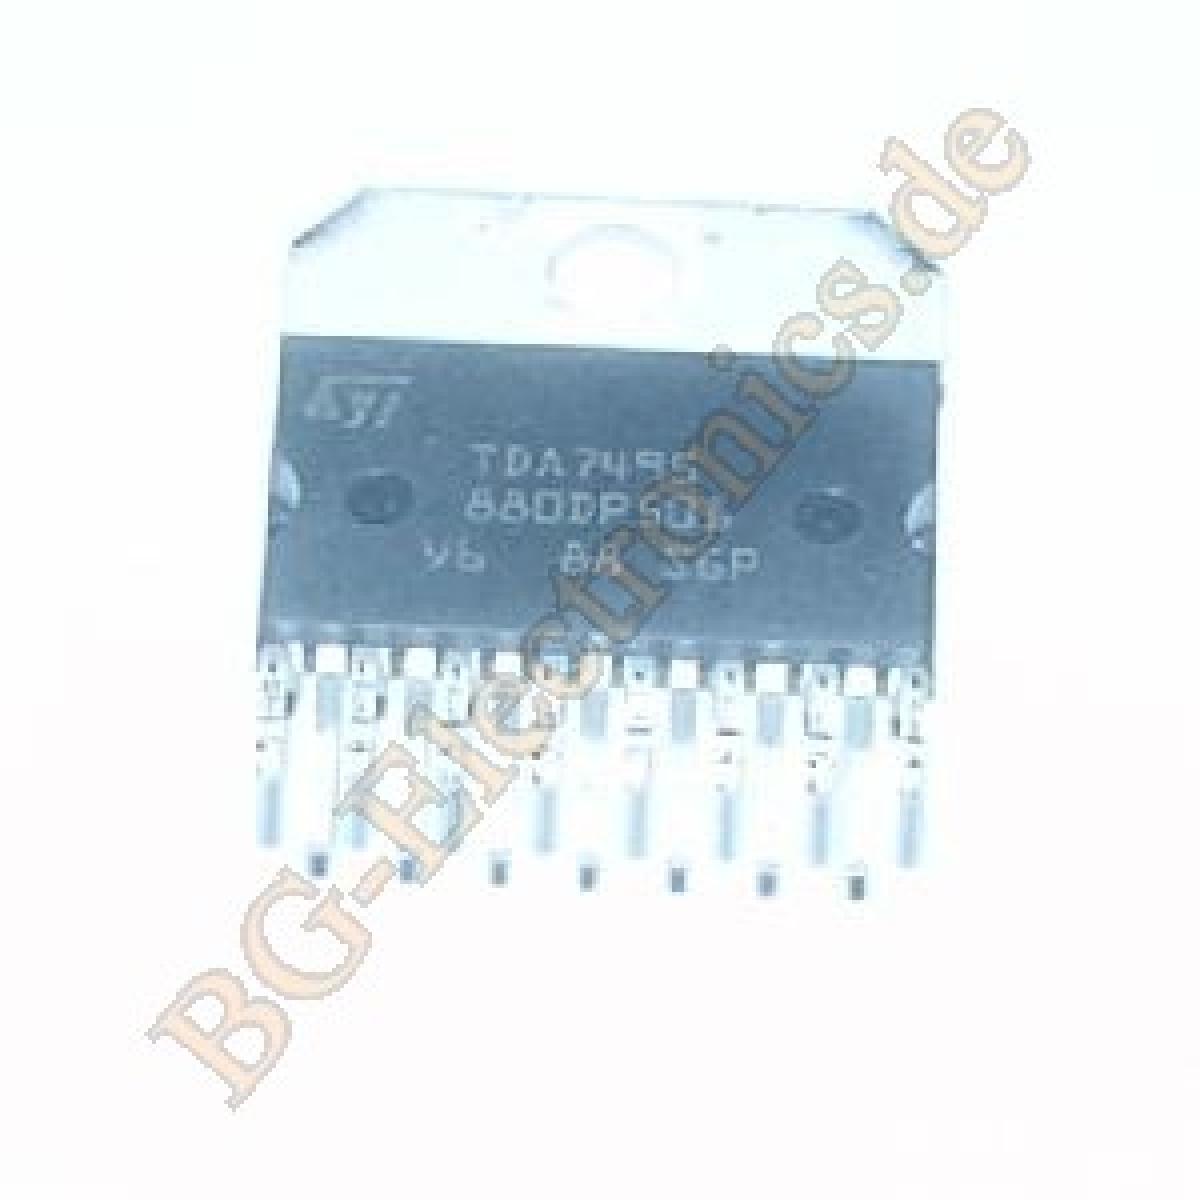 Lm380n Bg Electronics Lm380 25 Watt Amplifier Cqx35 Tda7495